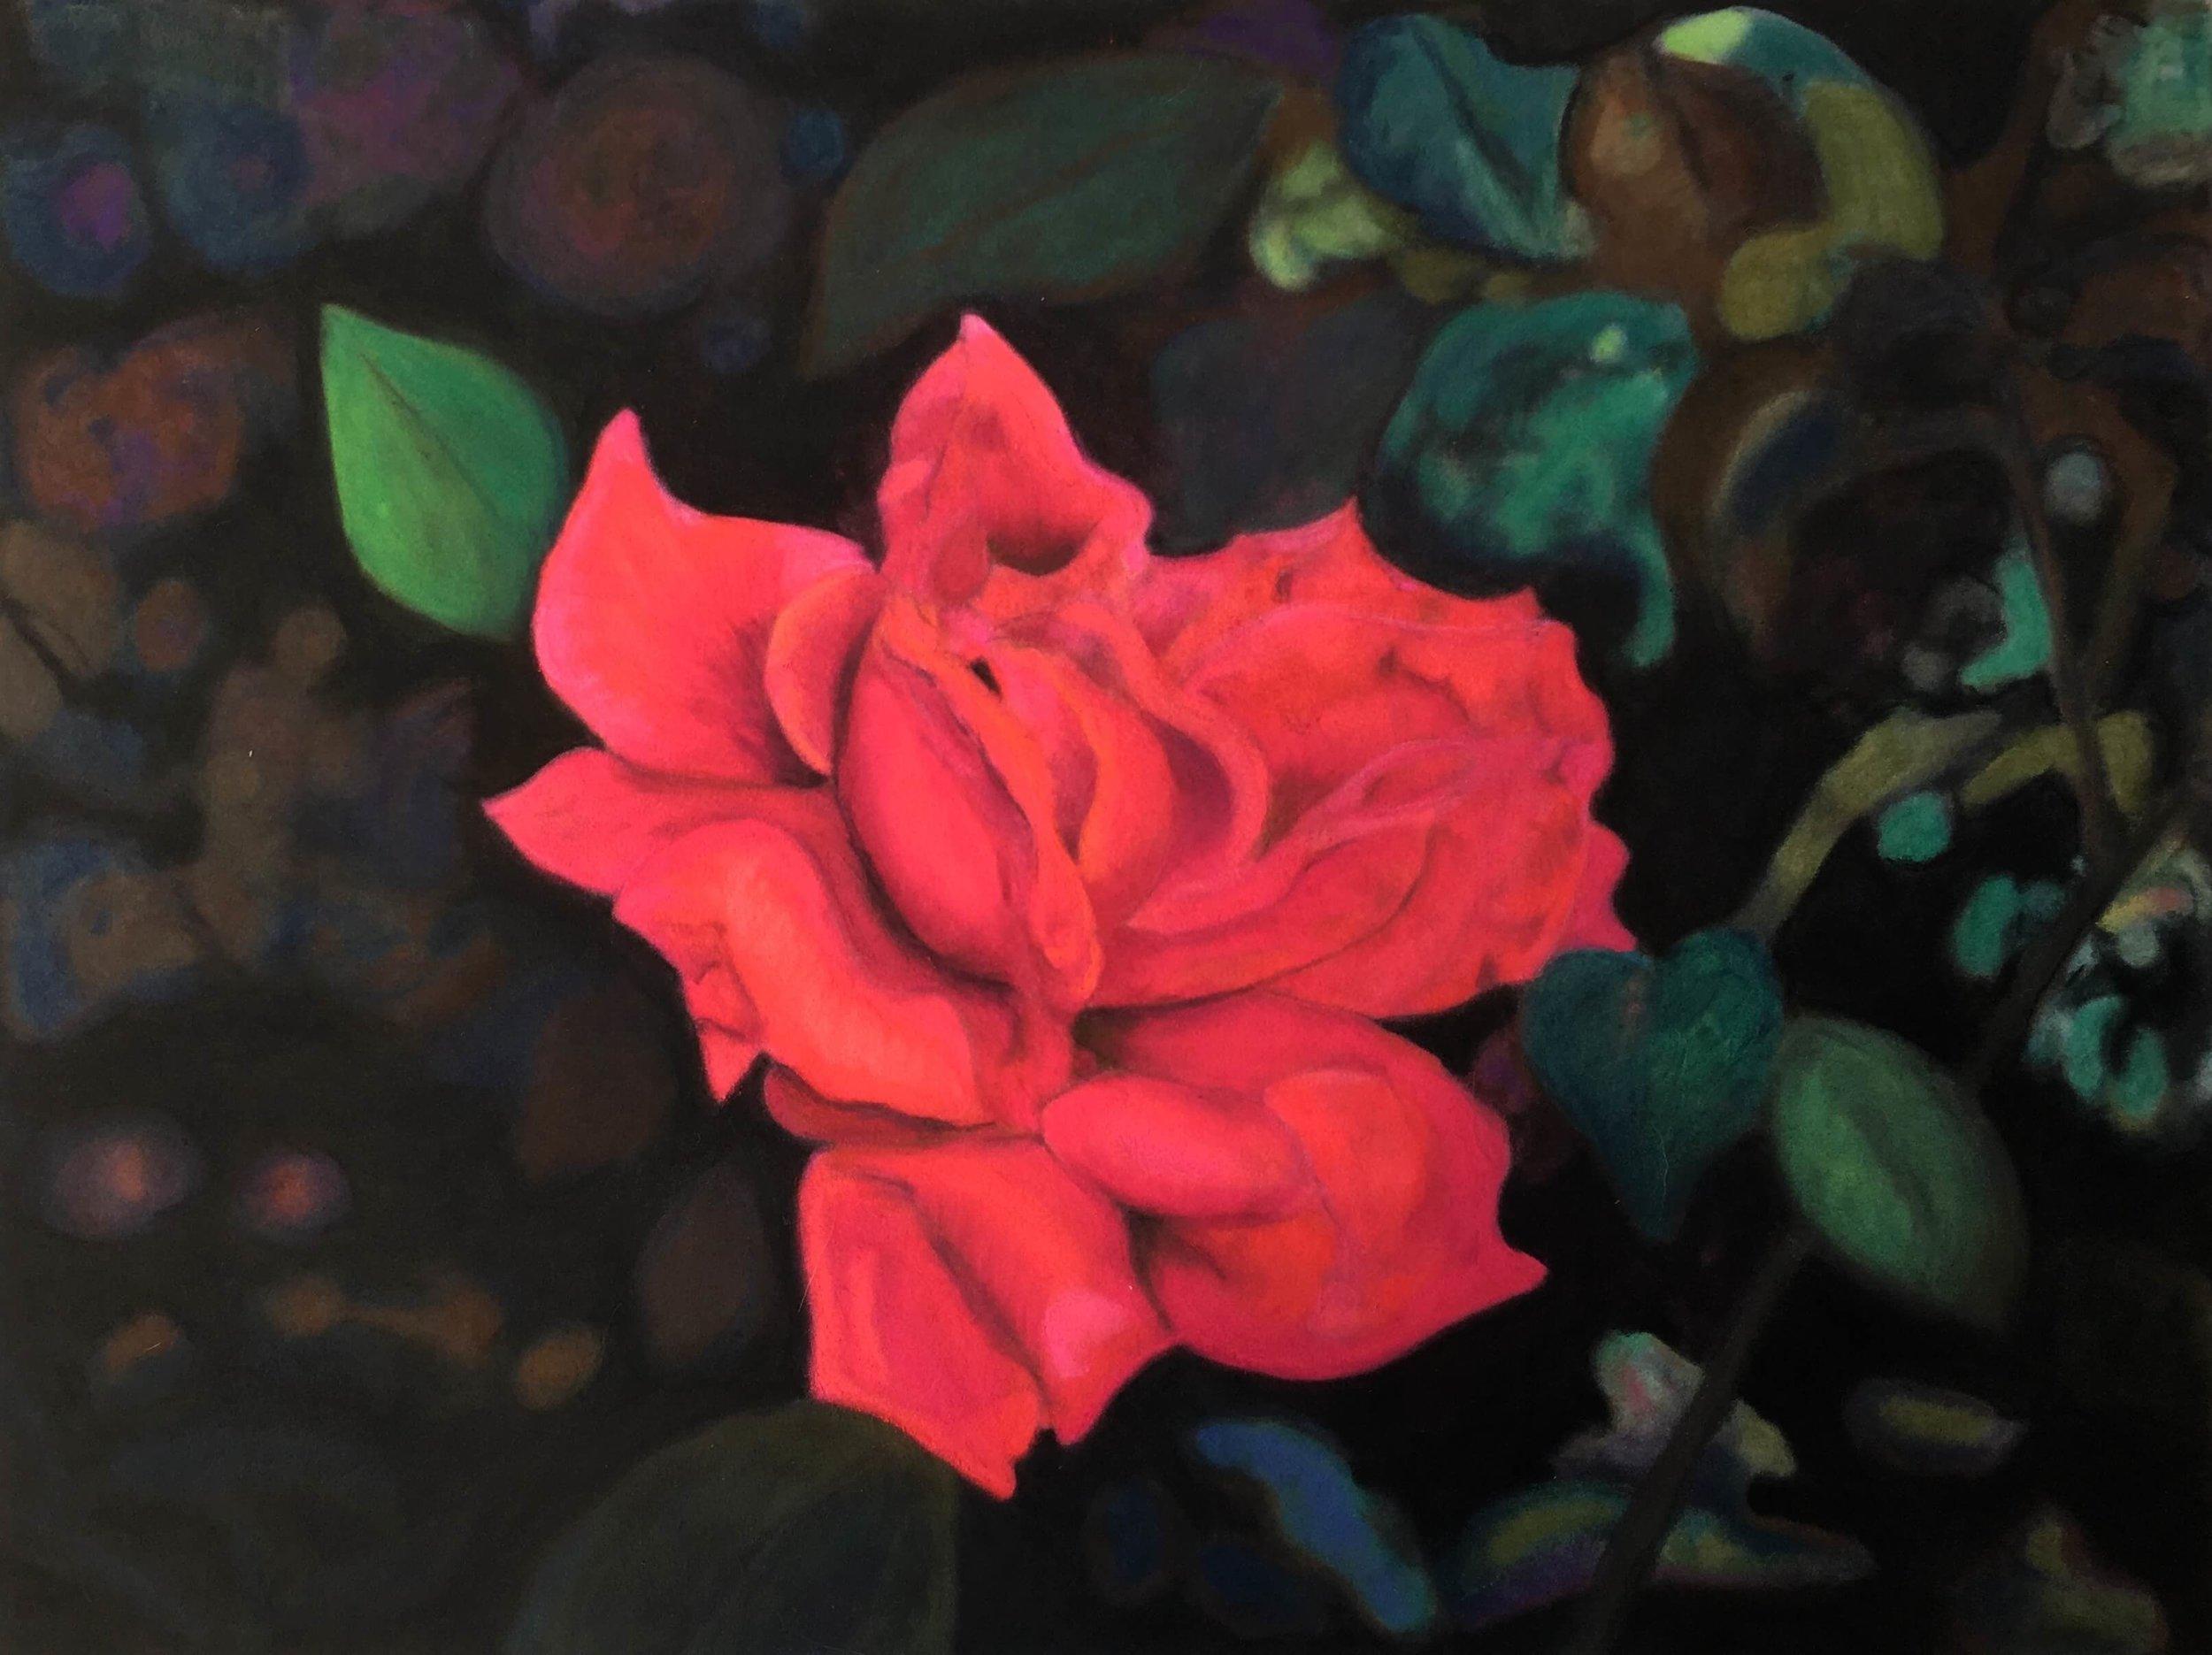 Rose, Ute Latzke, Pastellkreide auf Velour und MDF, 40x30x1 cm, 2017, 400 Euro